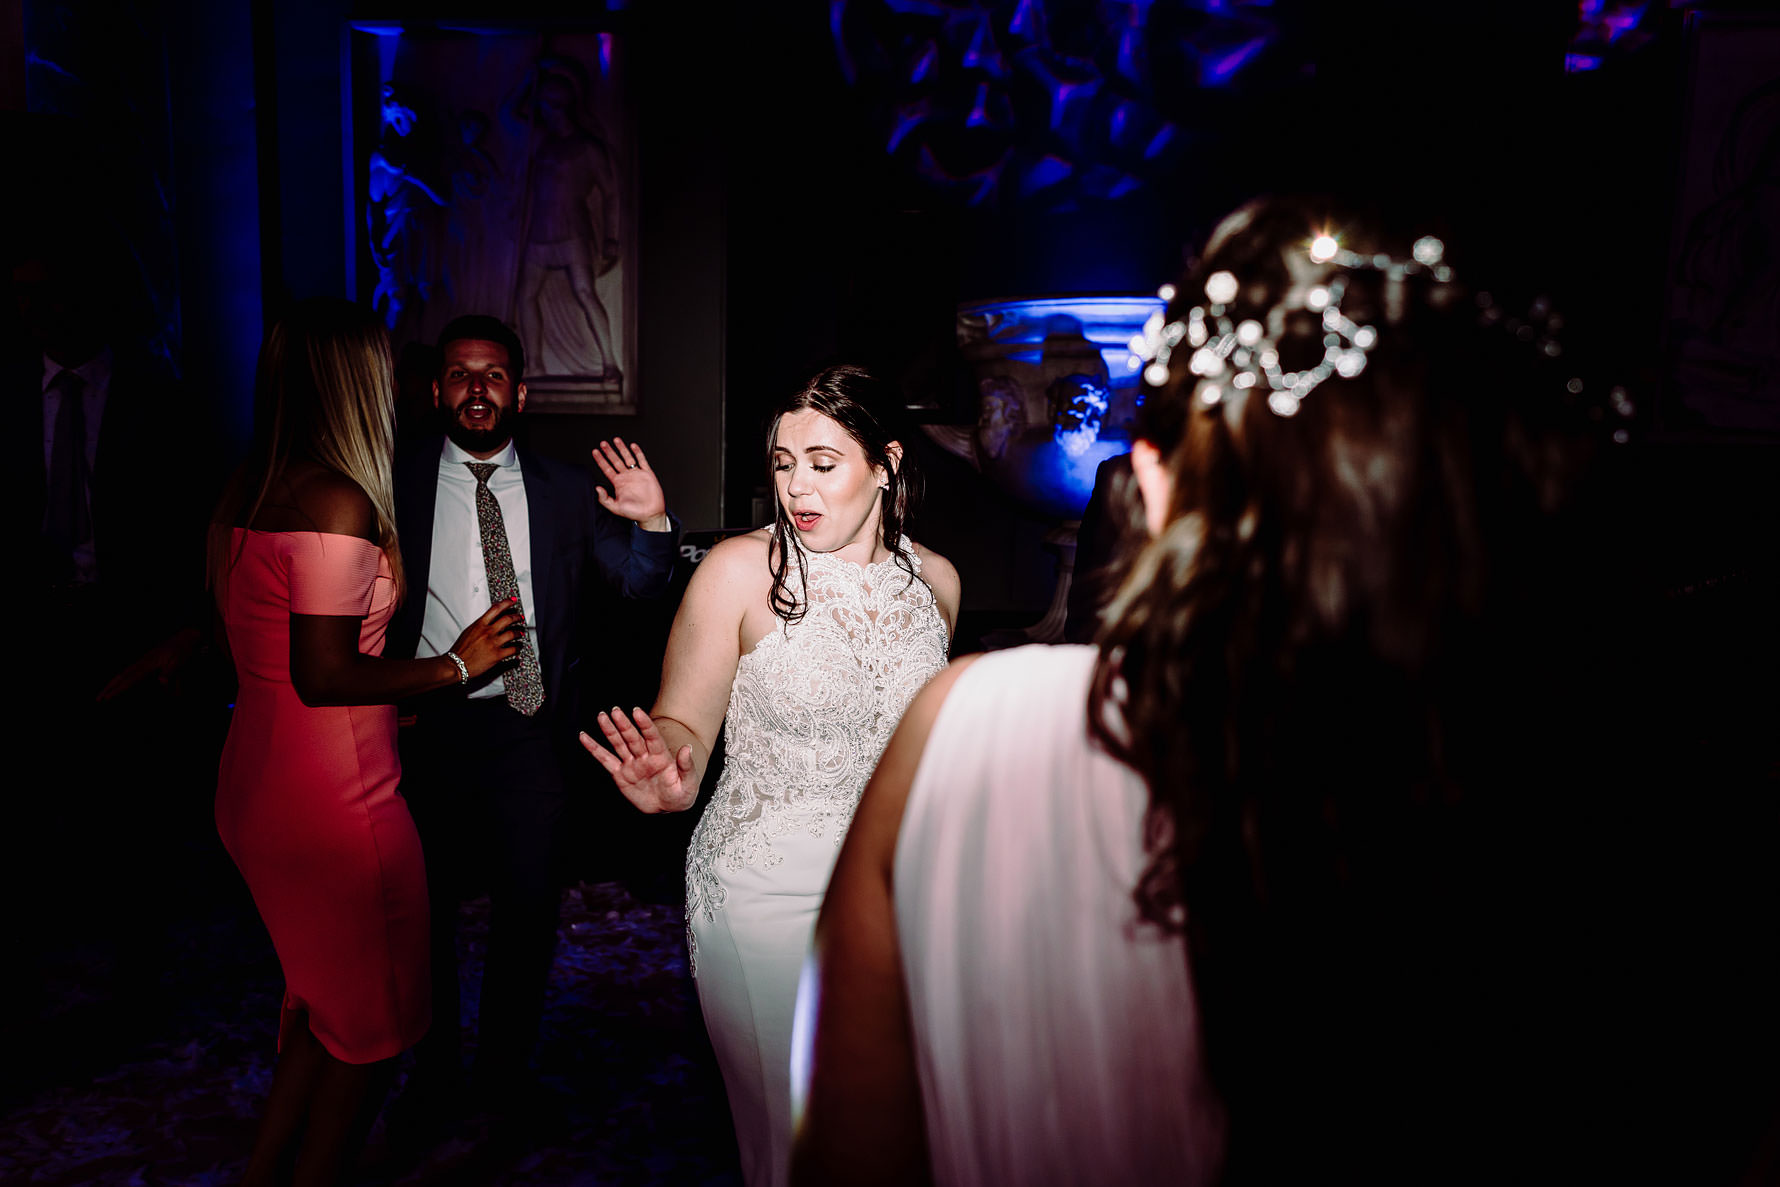 a bride dances with friends